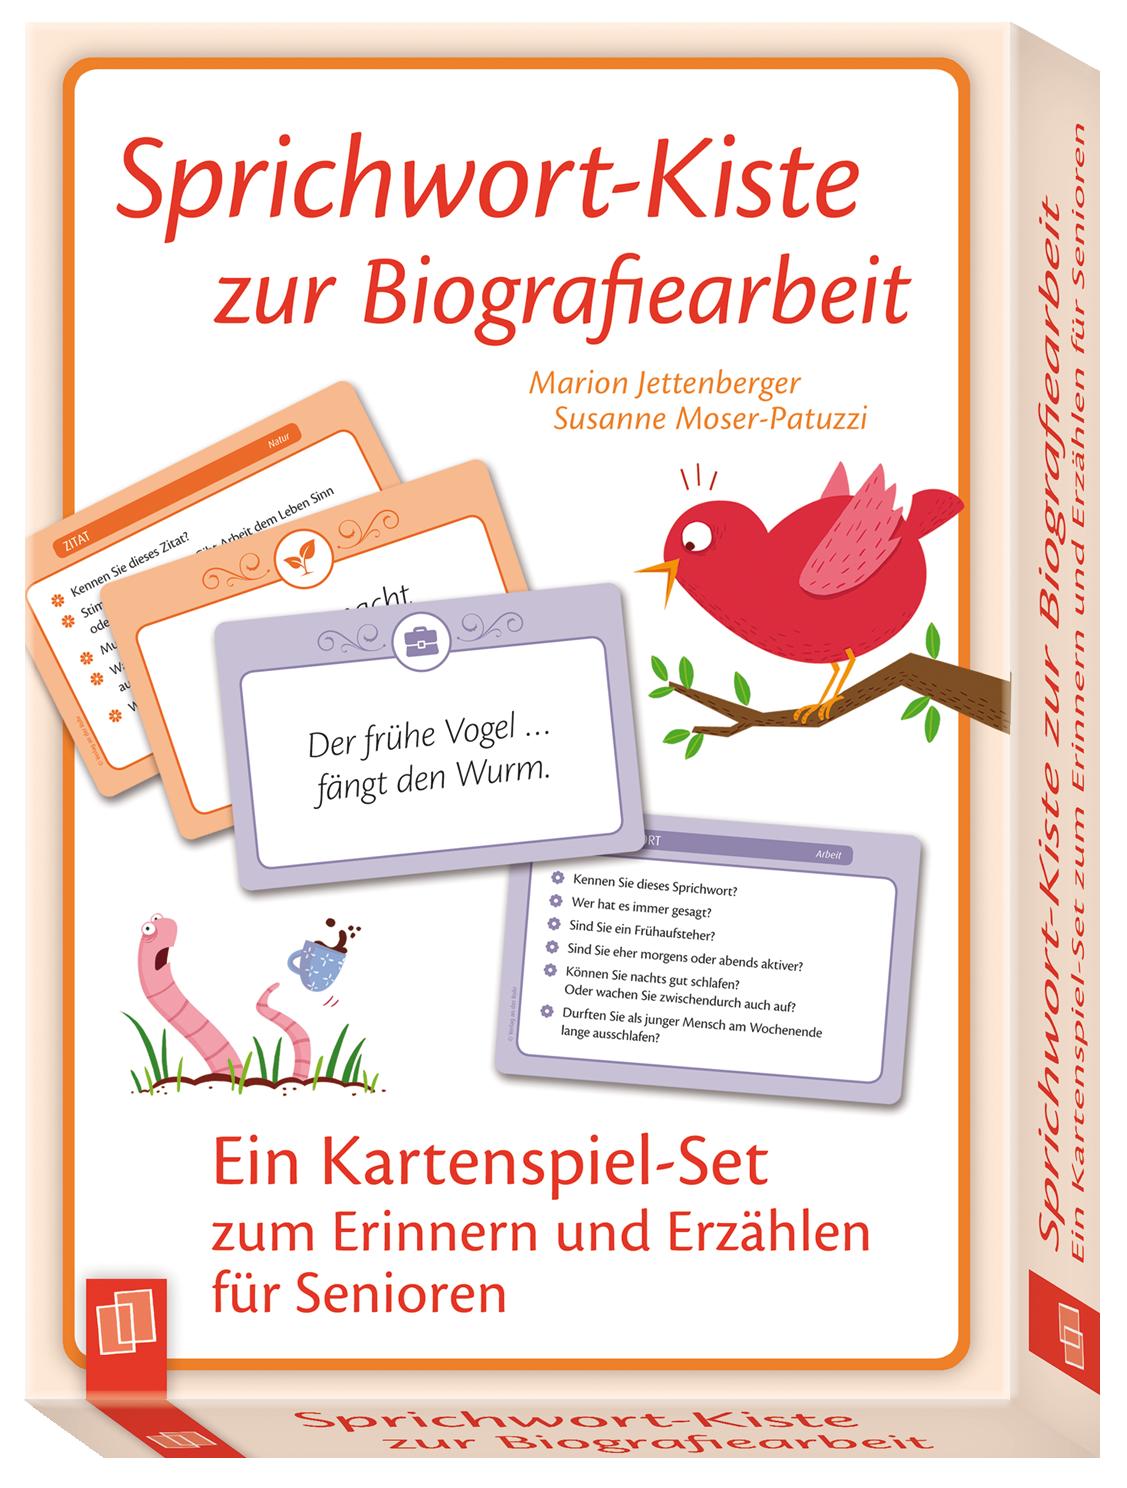 Sprichwort Kiste Zur Biografiearbeit Sprichworter Biografie Aktivitaten Fur Senioren